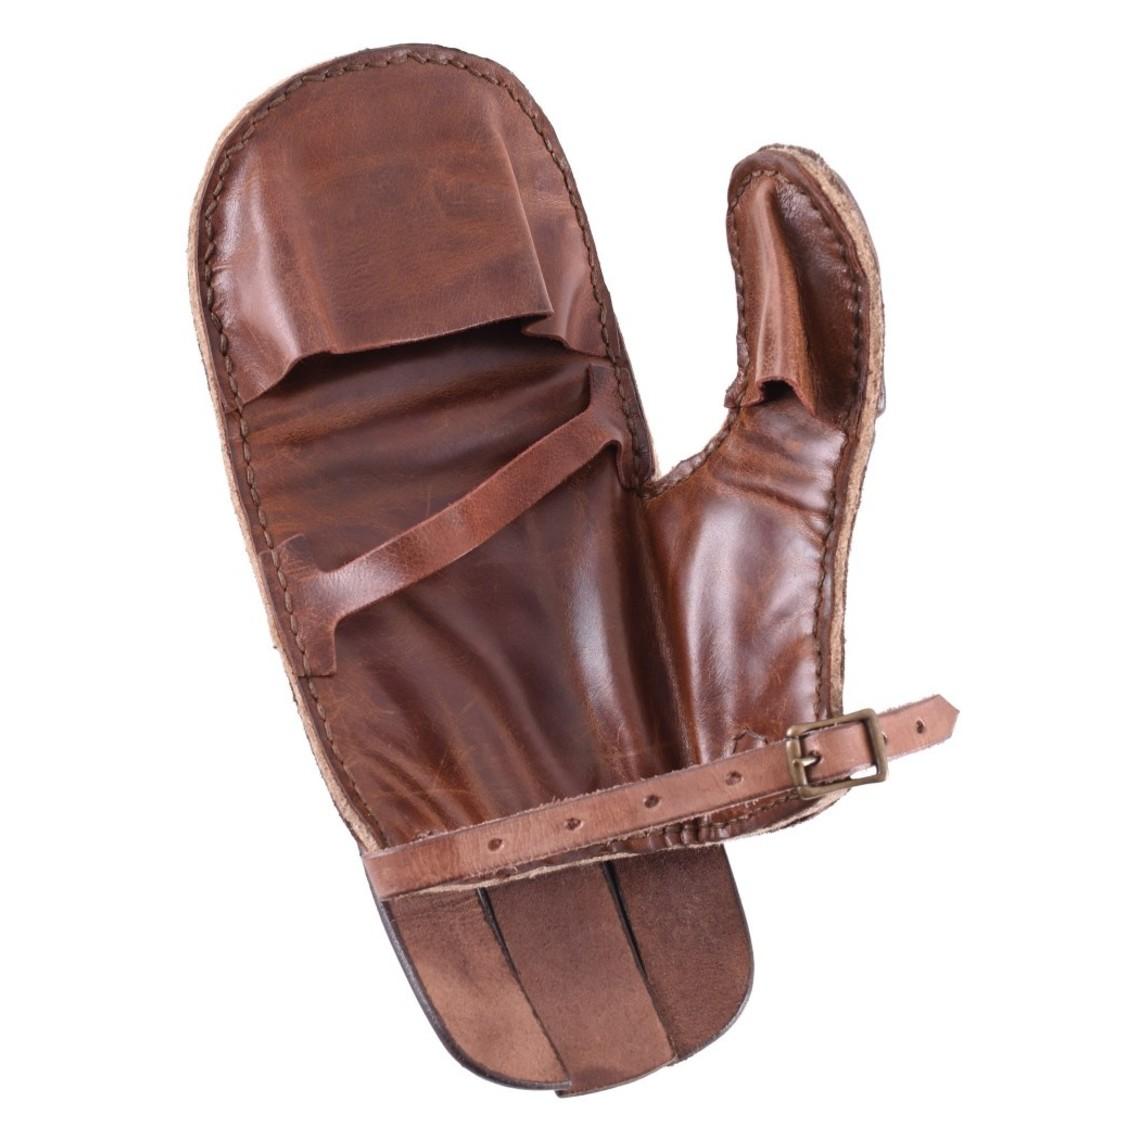 Ulfberth guante de cuero de contacto completa, la mano derecha